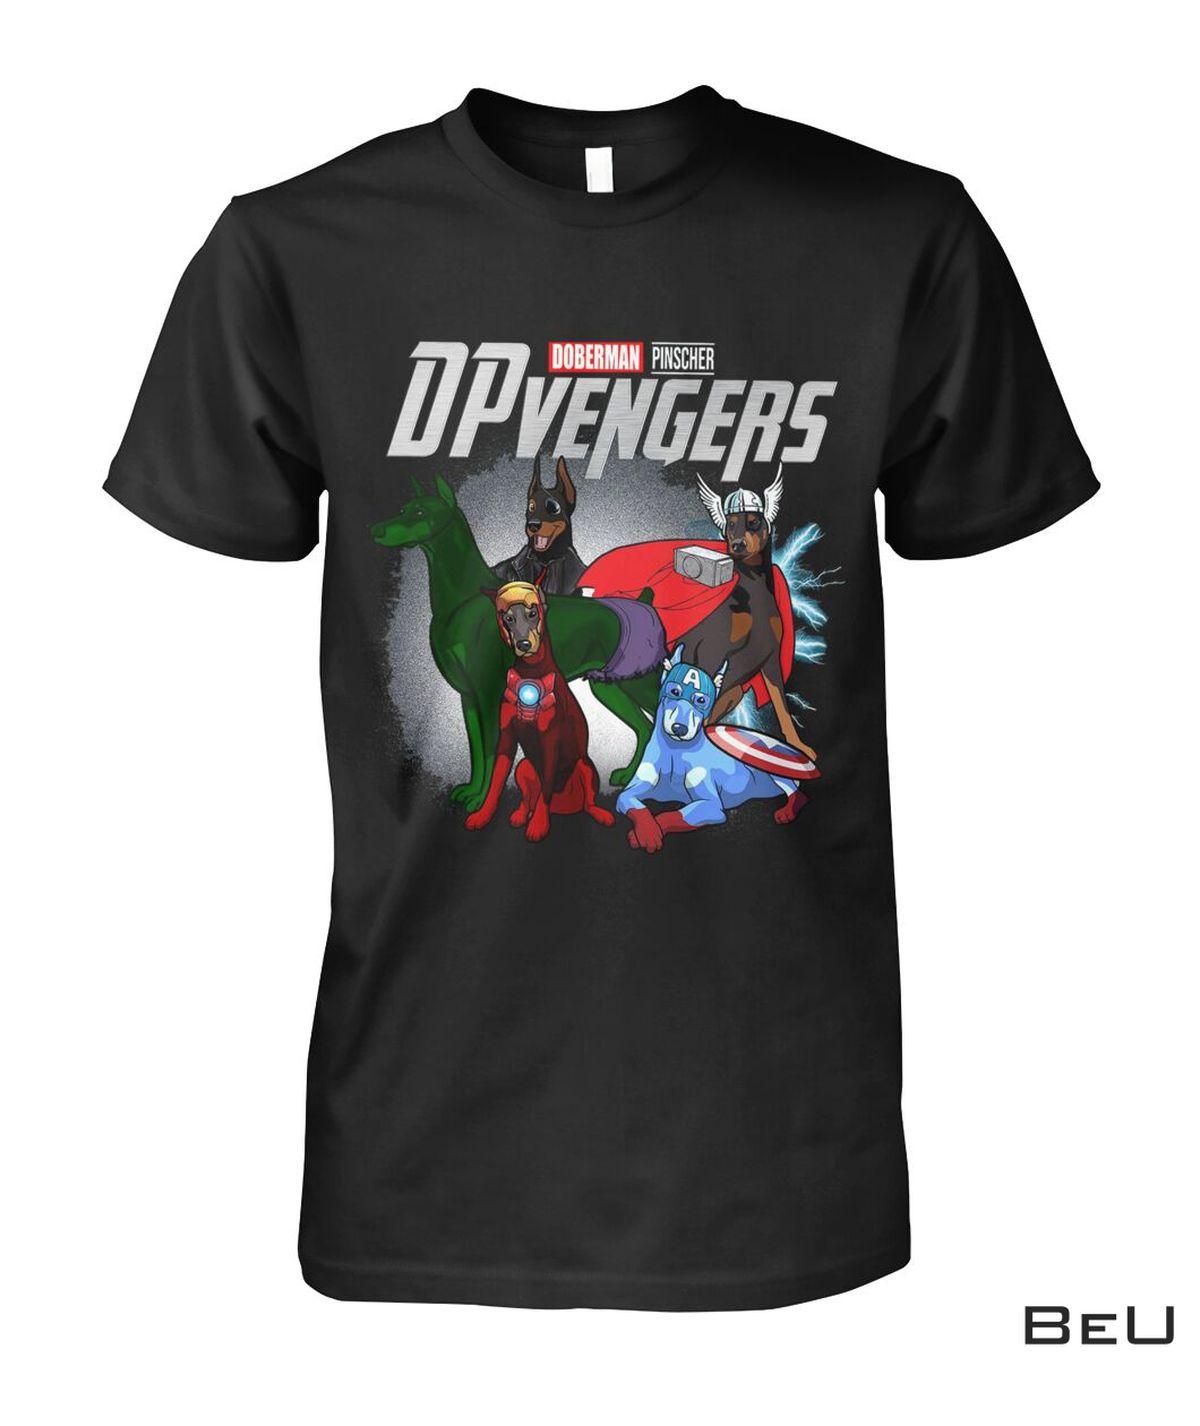 Doberman DPvengers Avengers Shirt